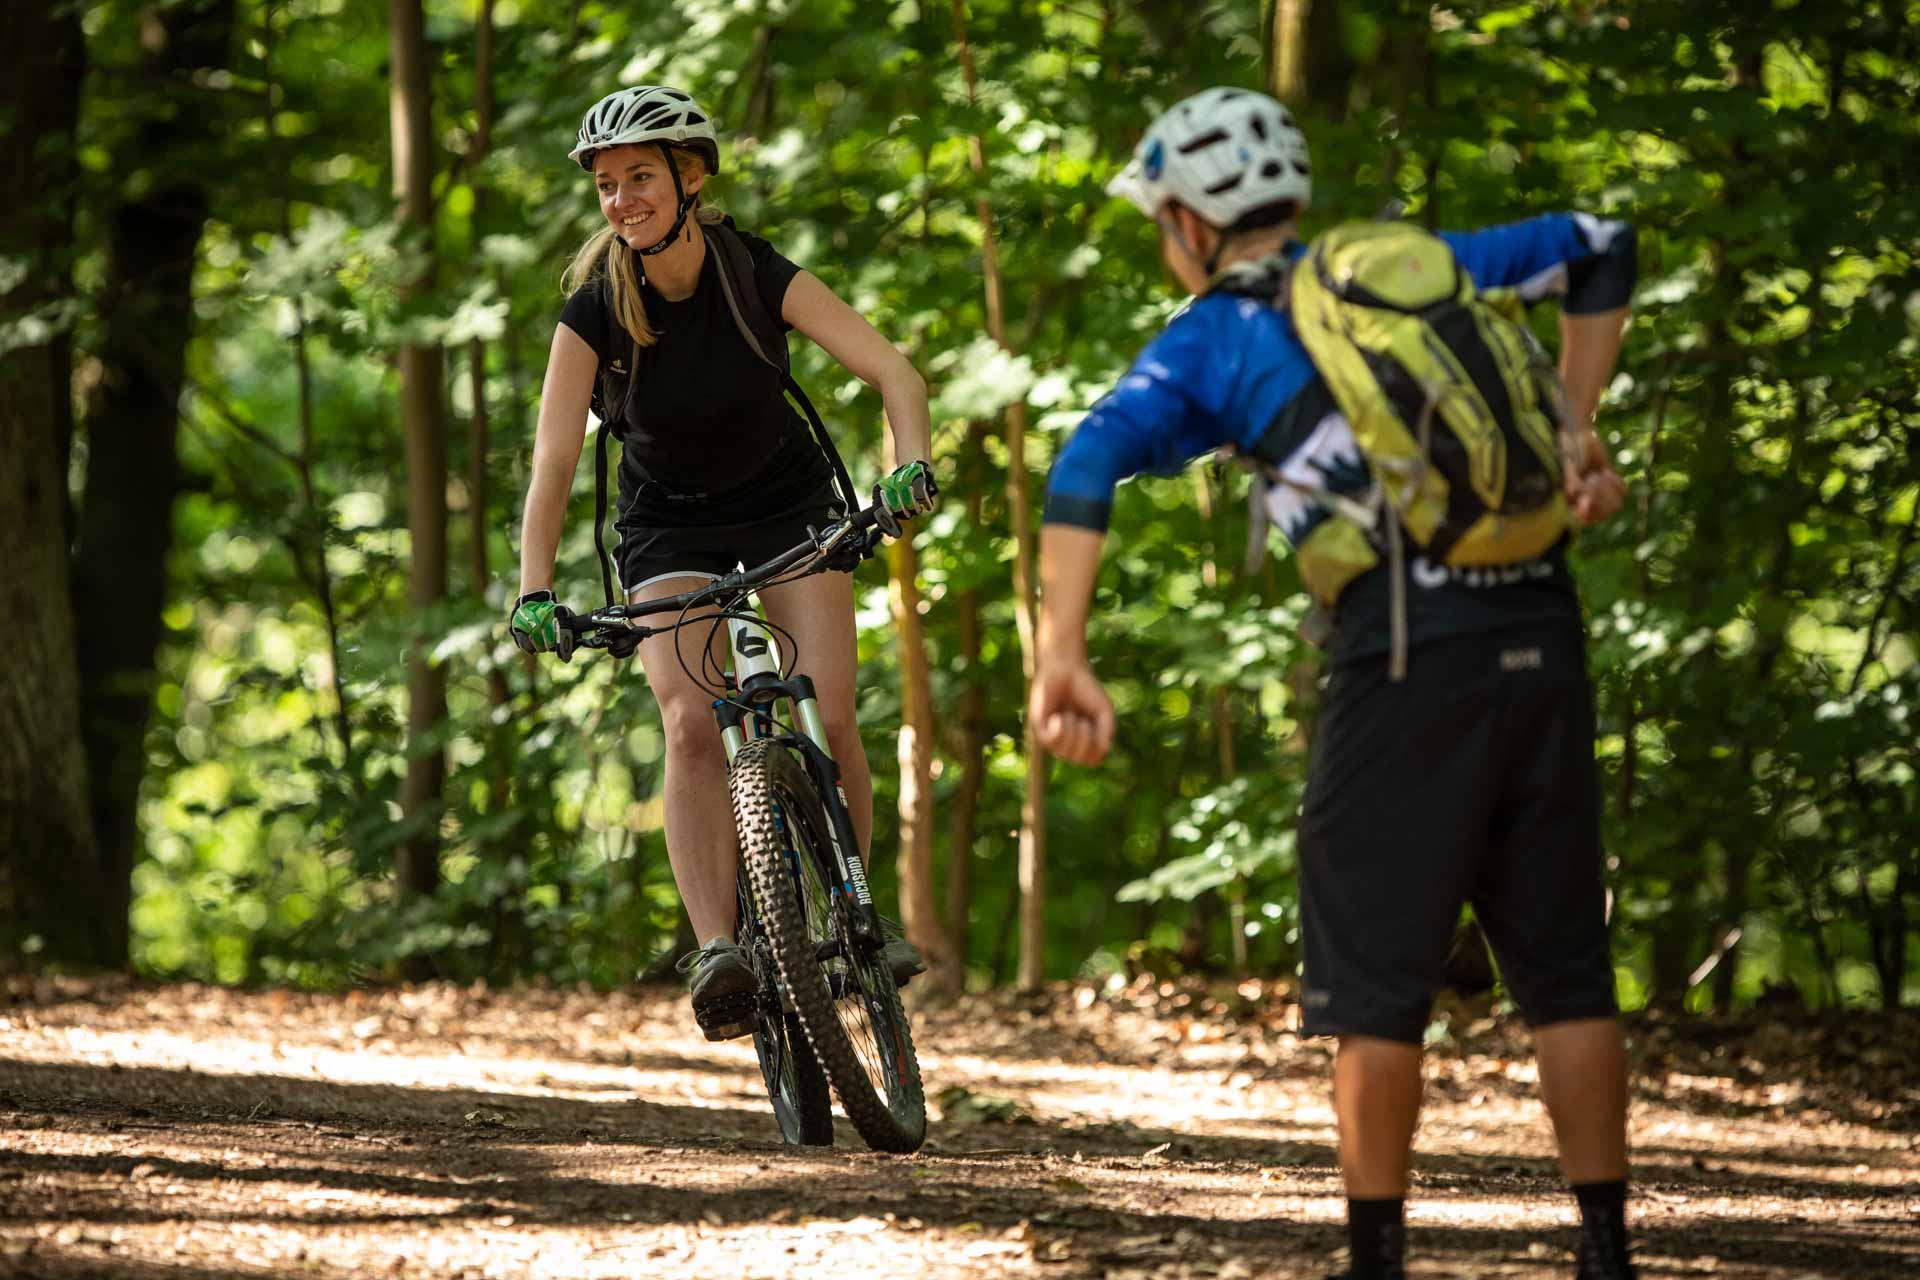 MTB Fahrtechnik Kurs für Einsteiger in Düsseldorf - Mountainbike Basic - Rock my Trail Bikeschule